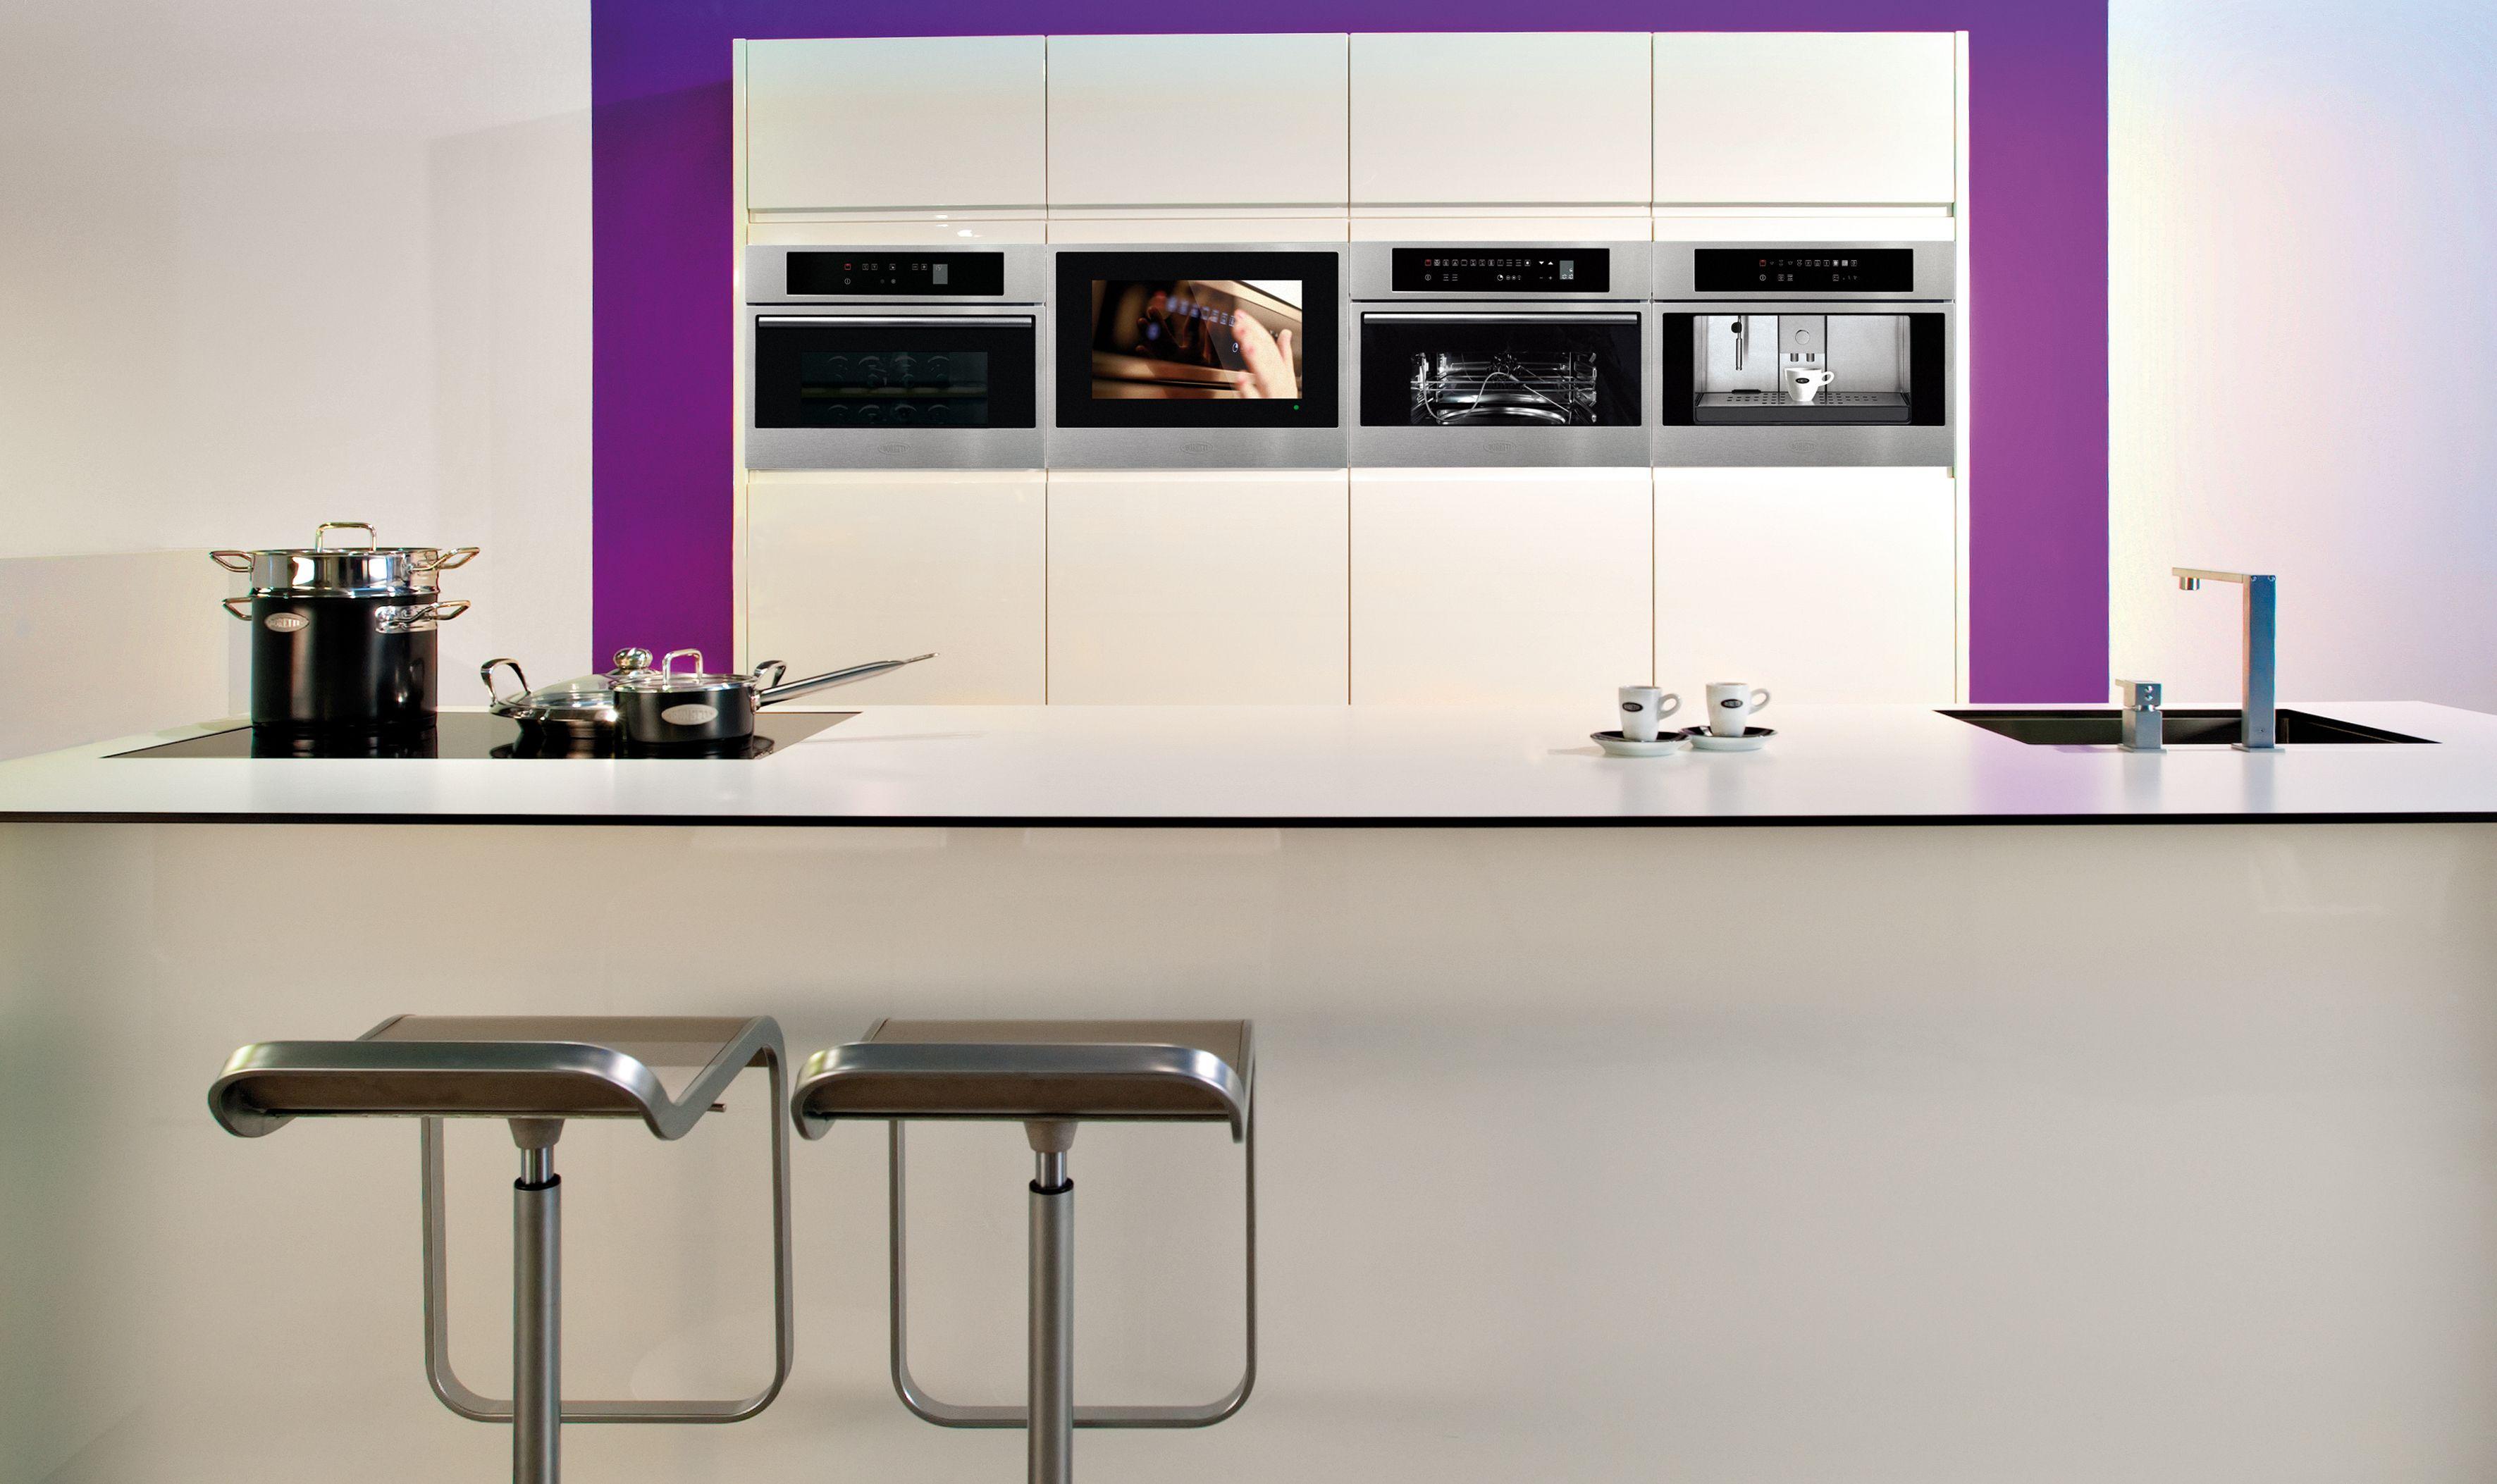 Boretti reviews & fabrieksinformatie boretti keukenapparatuur